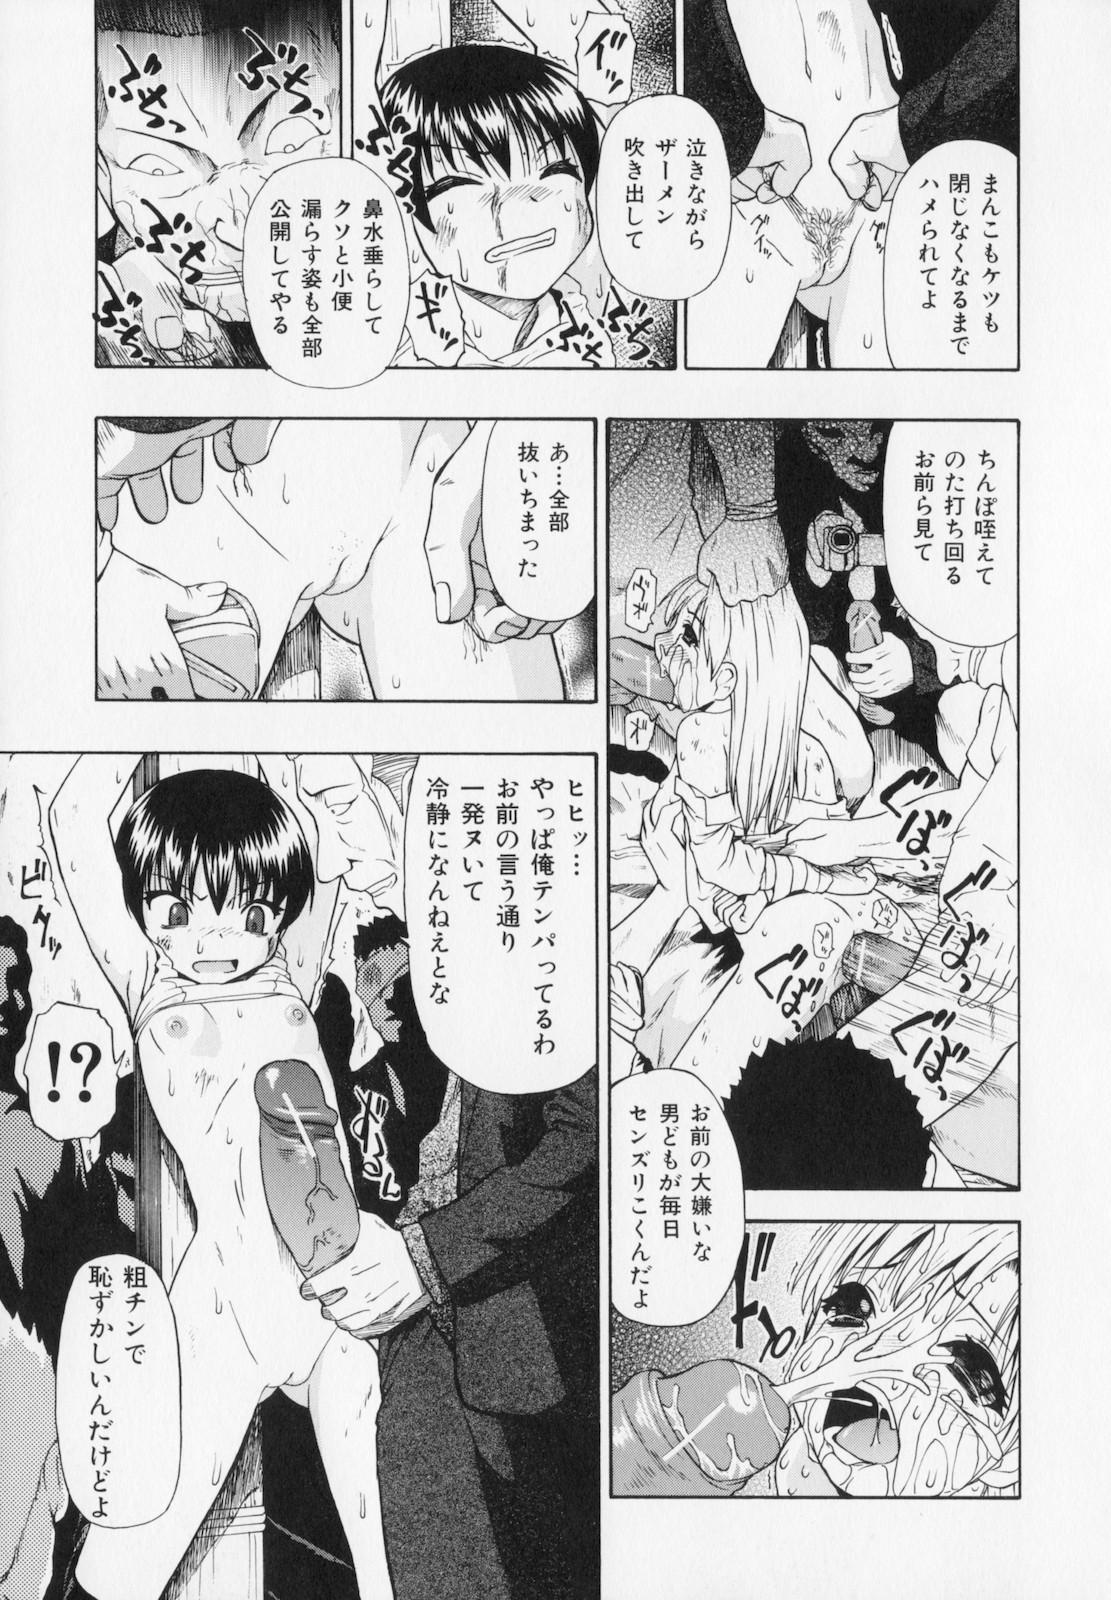 Hitodenashi no Utage - Veranstaltungsräume von Brute 38